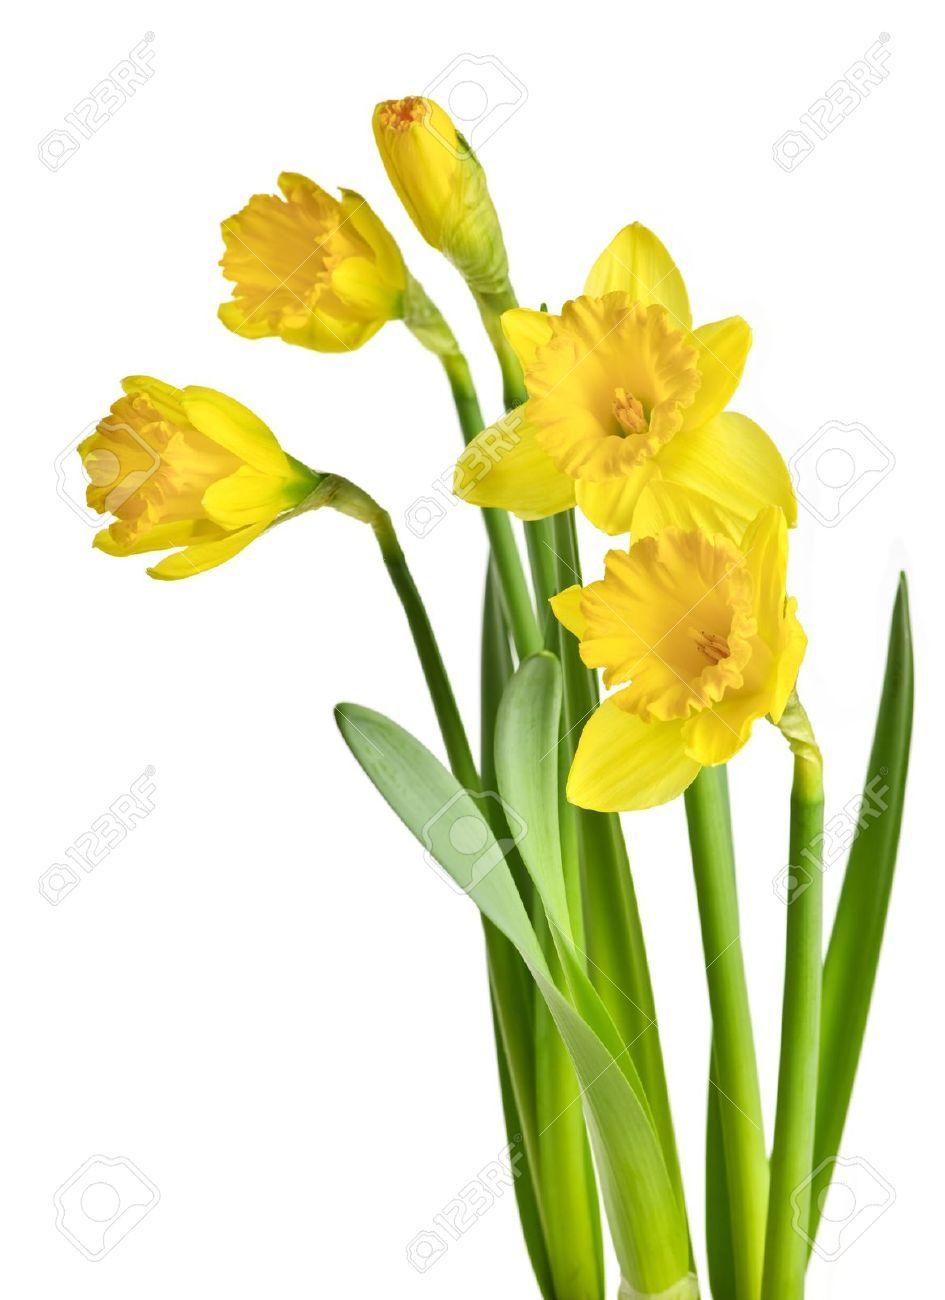 Vaizdo Rezultatas Pagal Uzklausa Daffodil Yellow Daffodils Daffodils Daffodil Flower